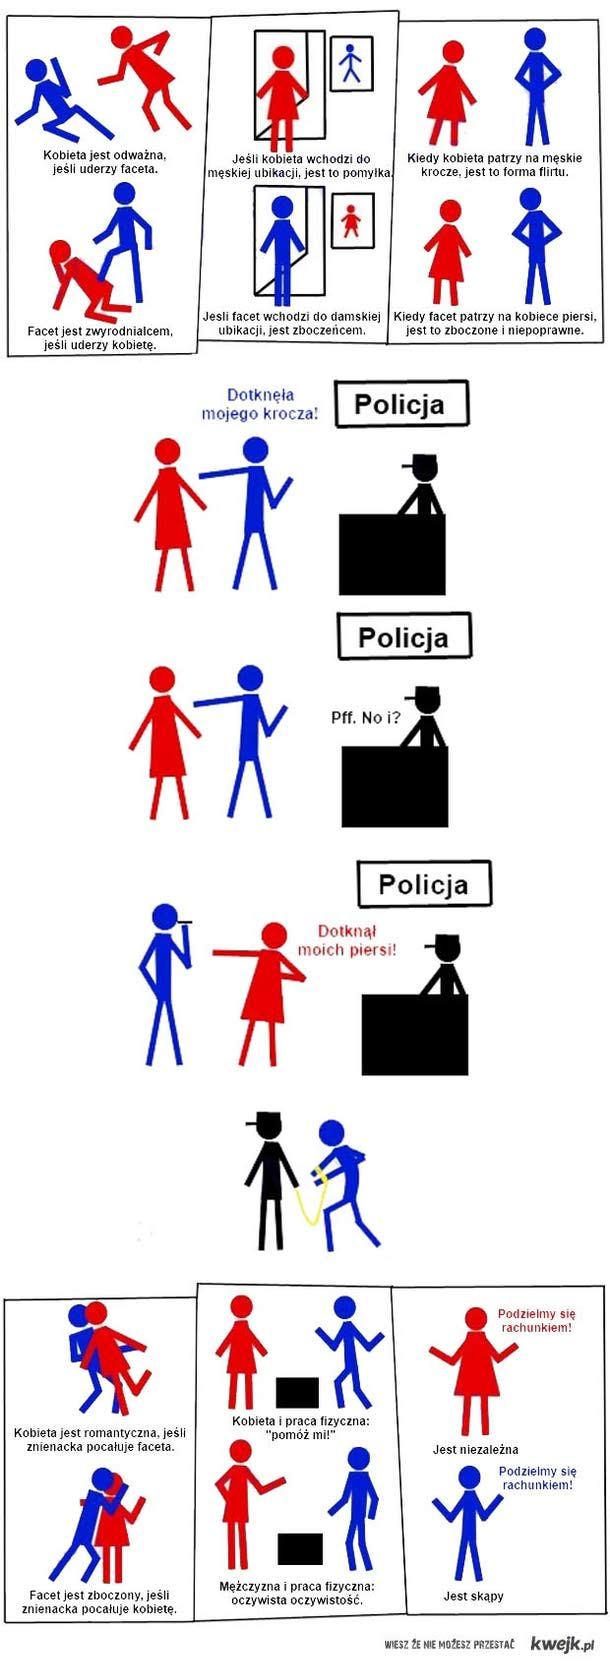 równa pozycja kobiet i mężczyzn